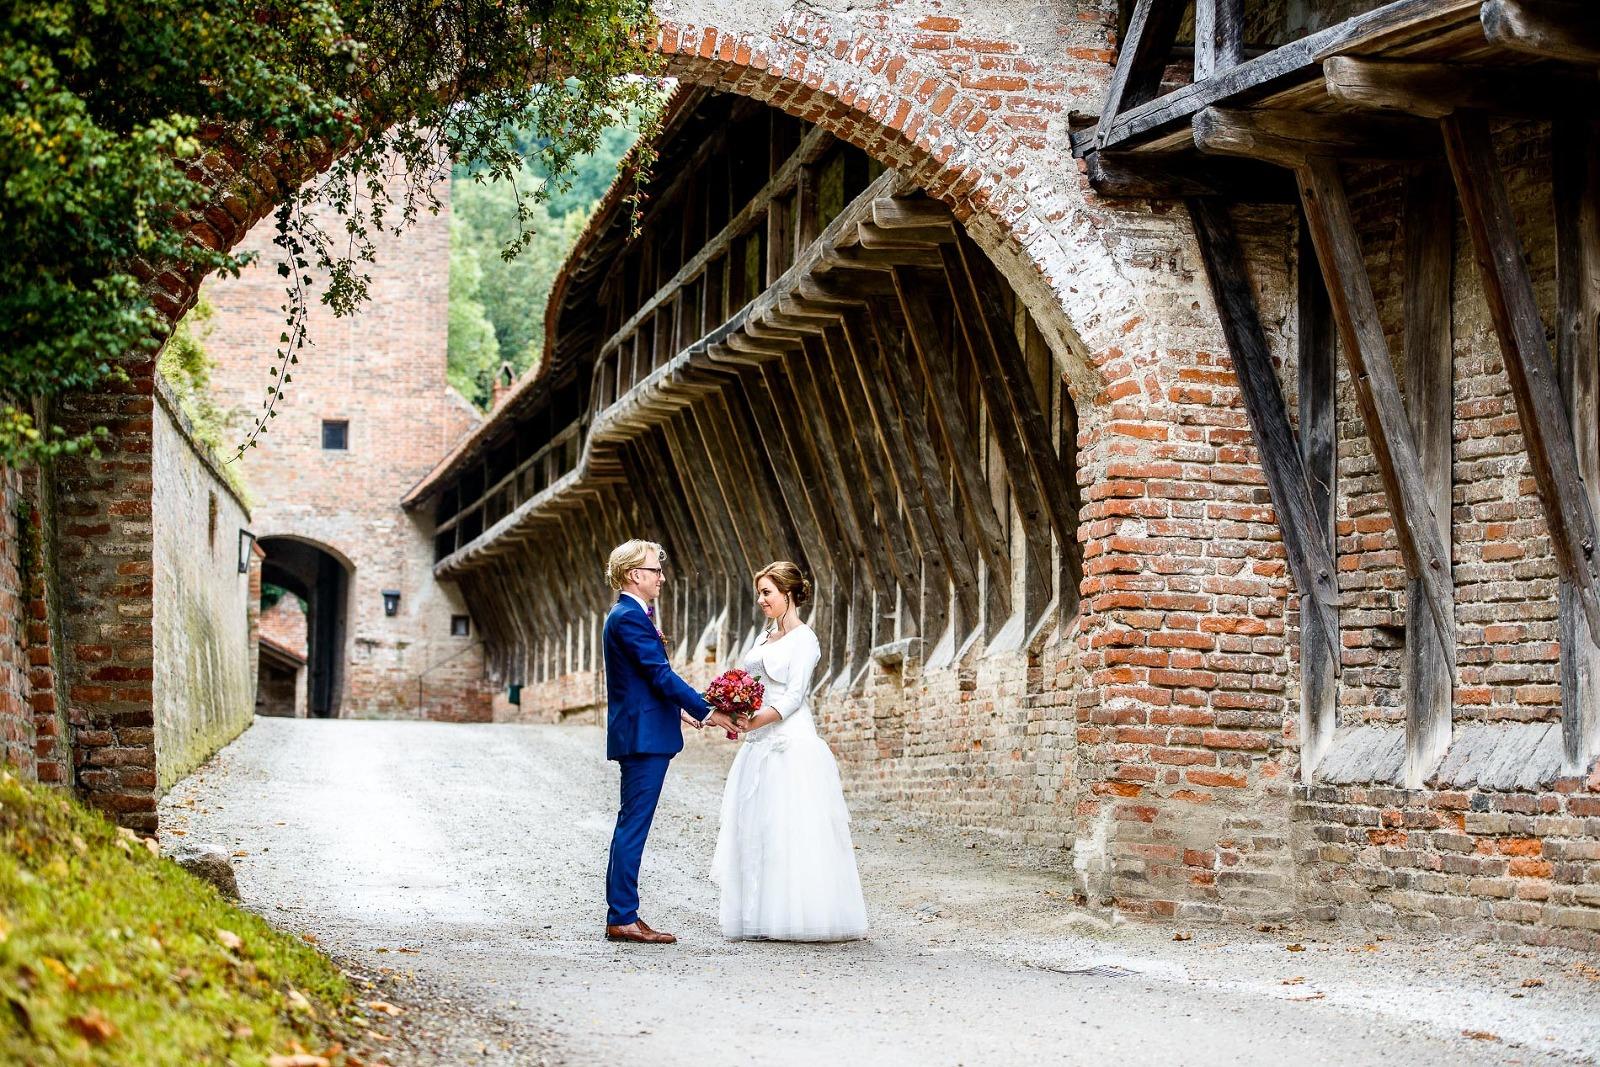 Hochzeitsfotograf München, Hochzeitsfoto auf Burg Trausnitz in Landshut